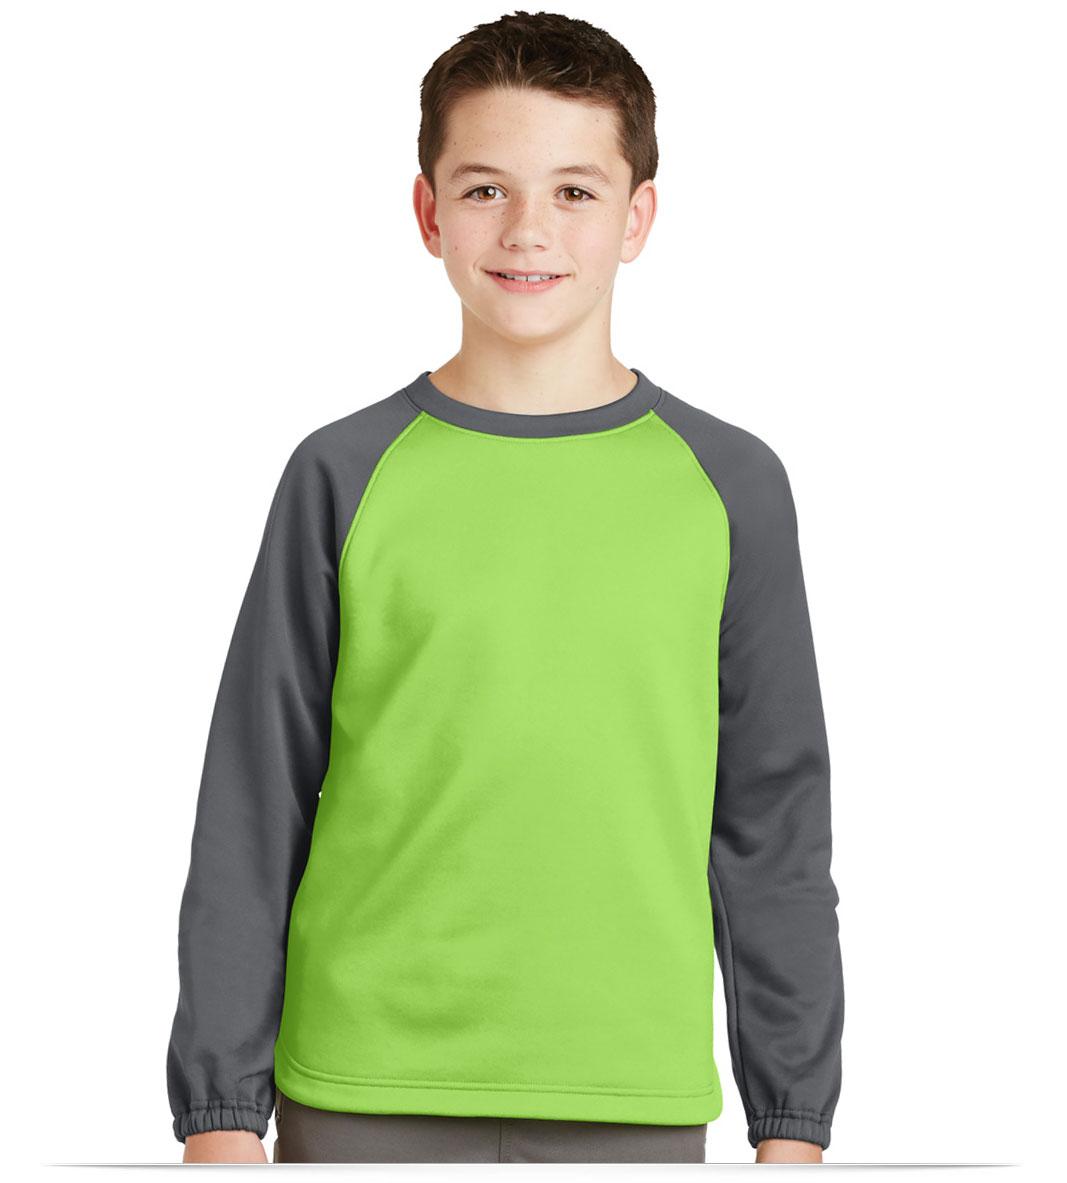 Customize Sport-Tek Youth Raglan Colorblock Fleece